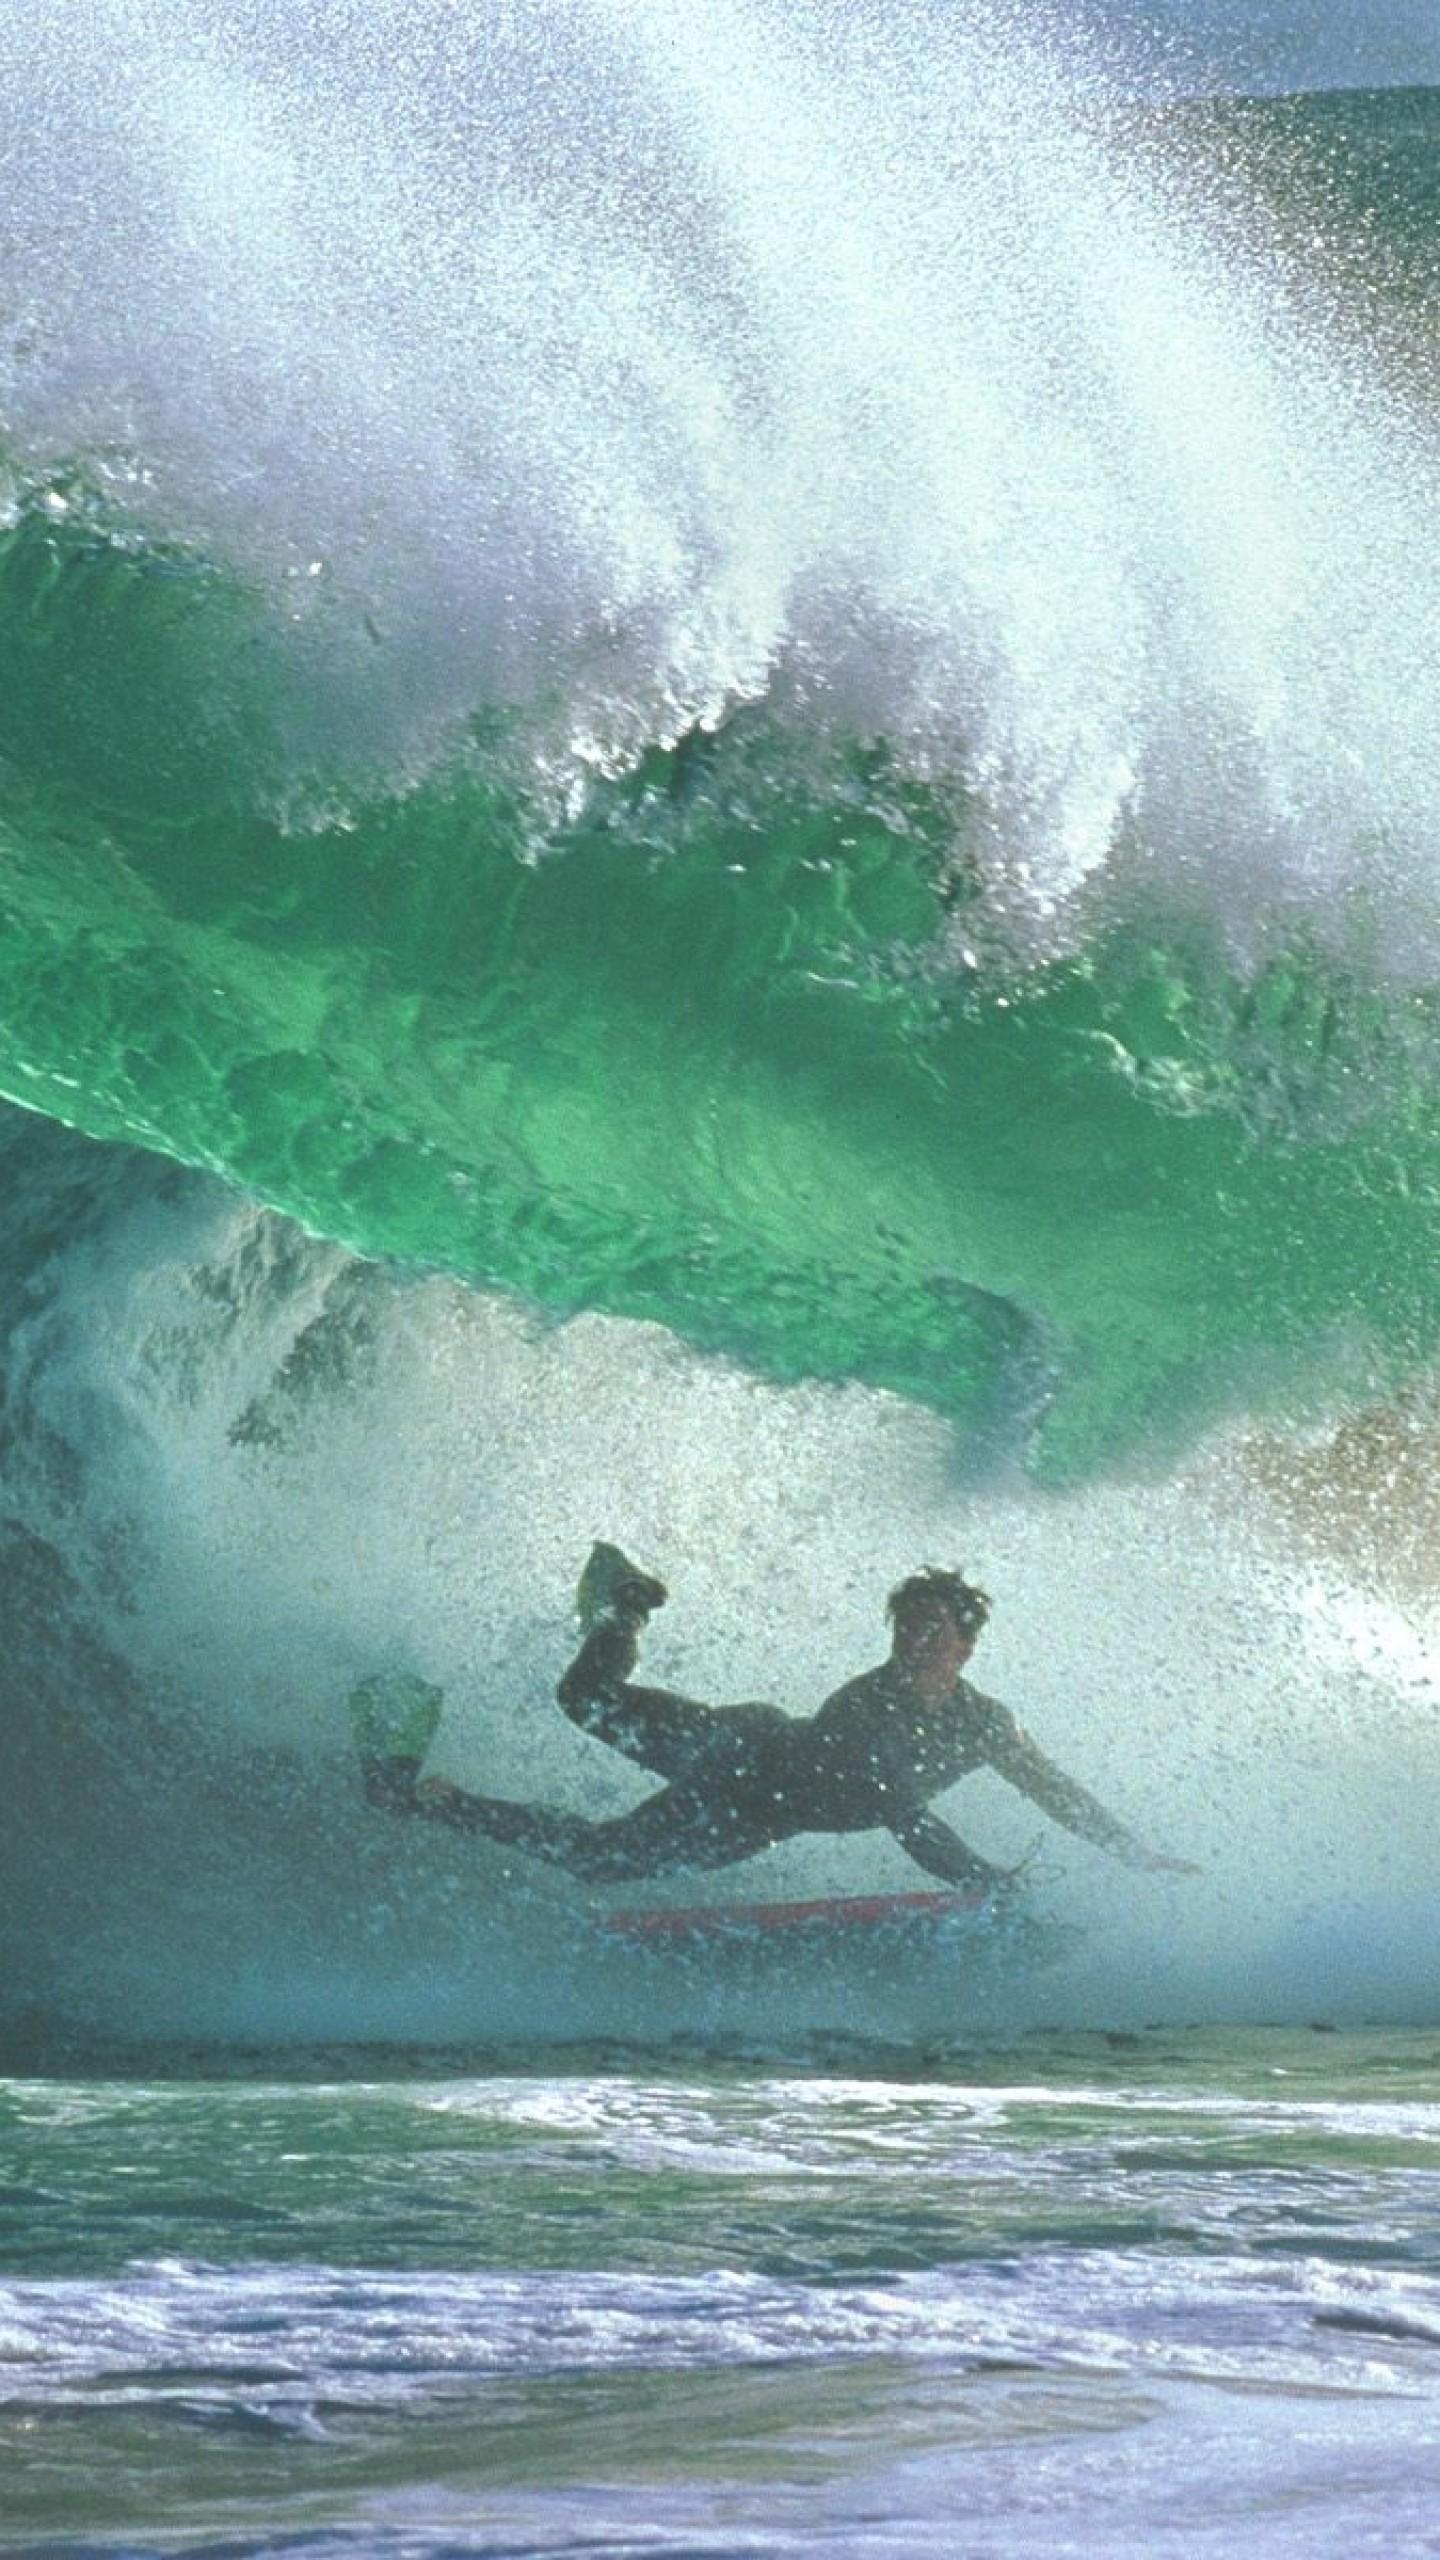 Wallpaper surfing, under water, wave, guy